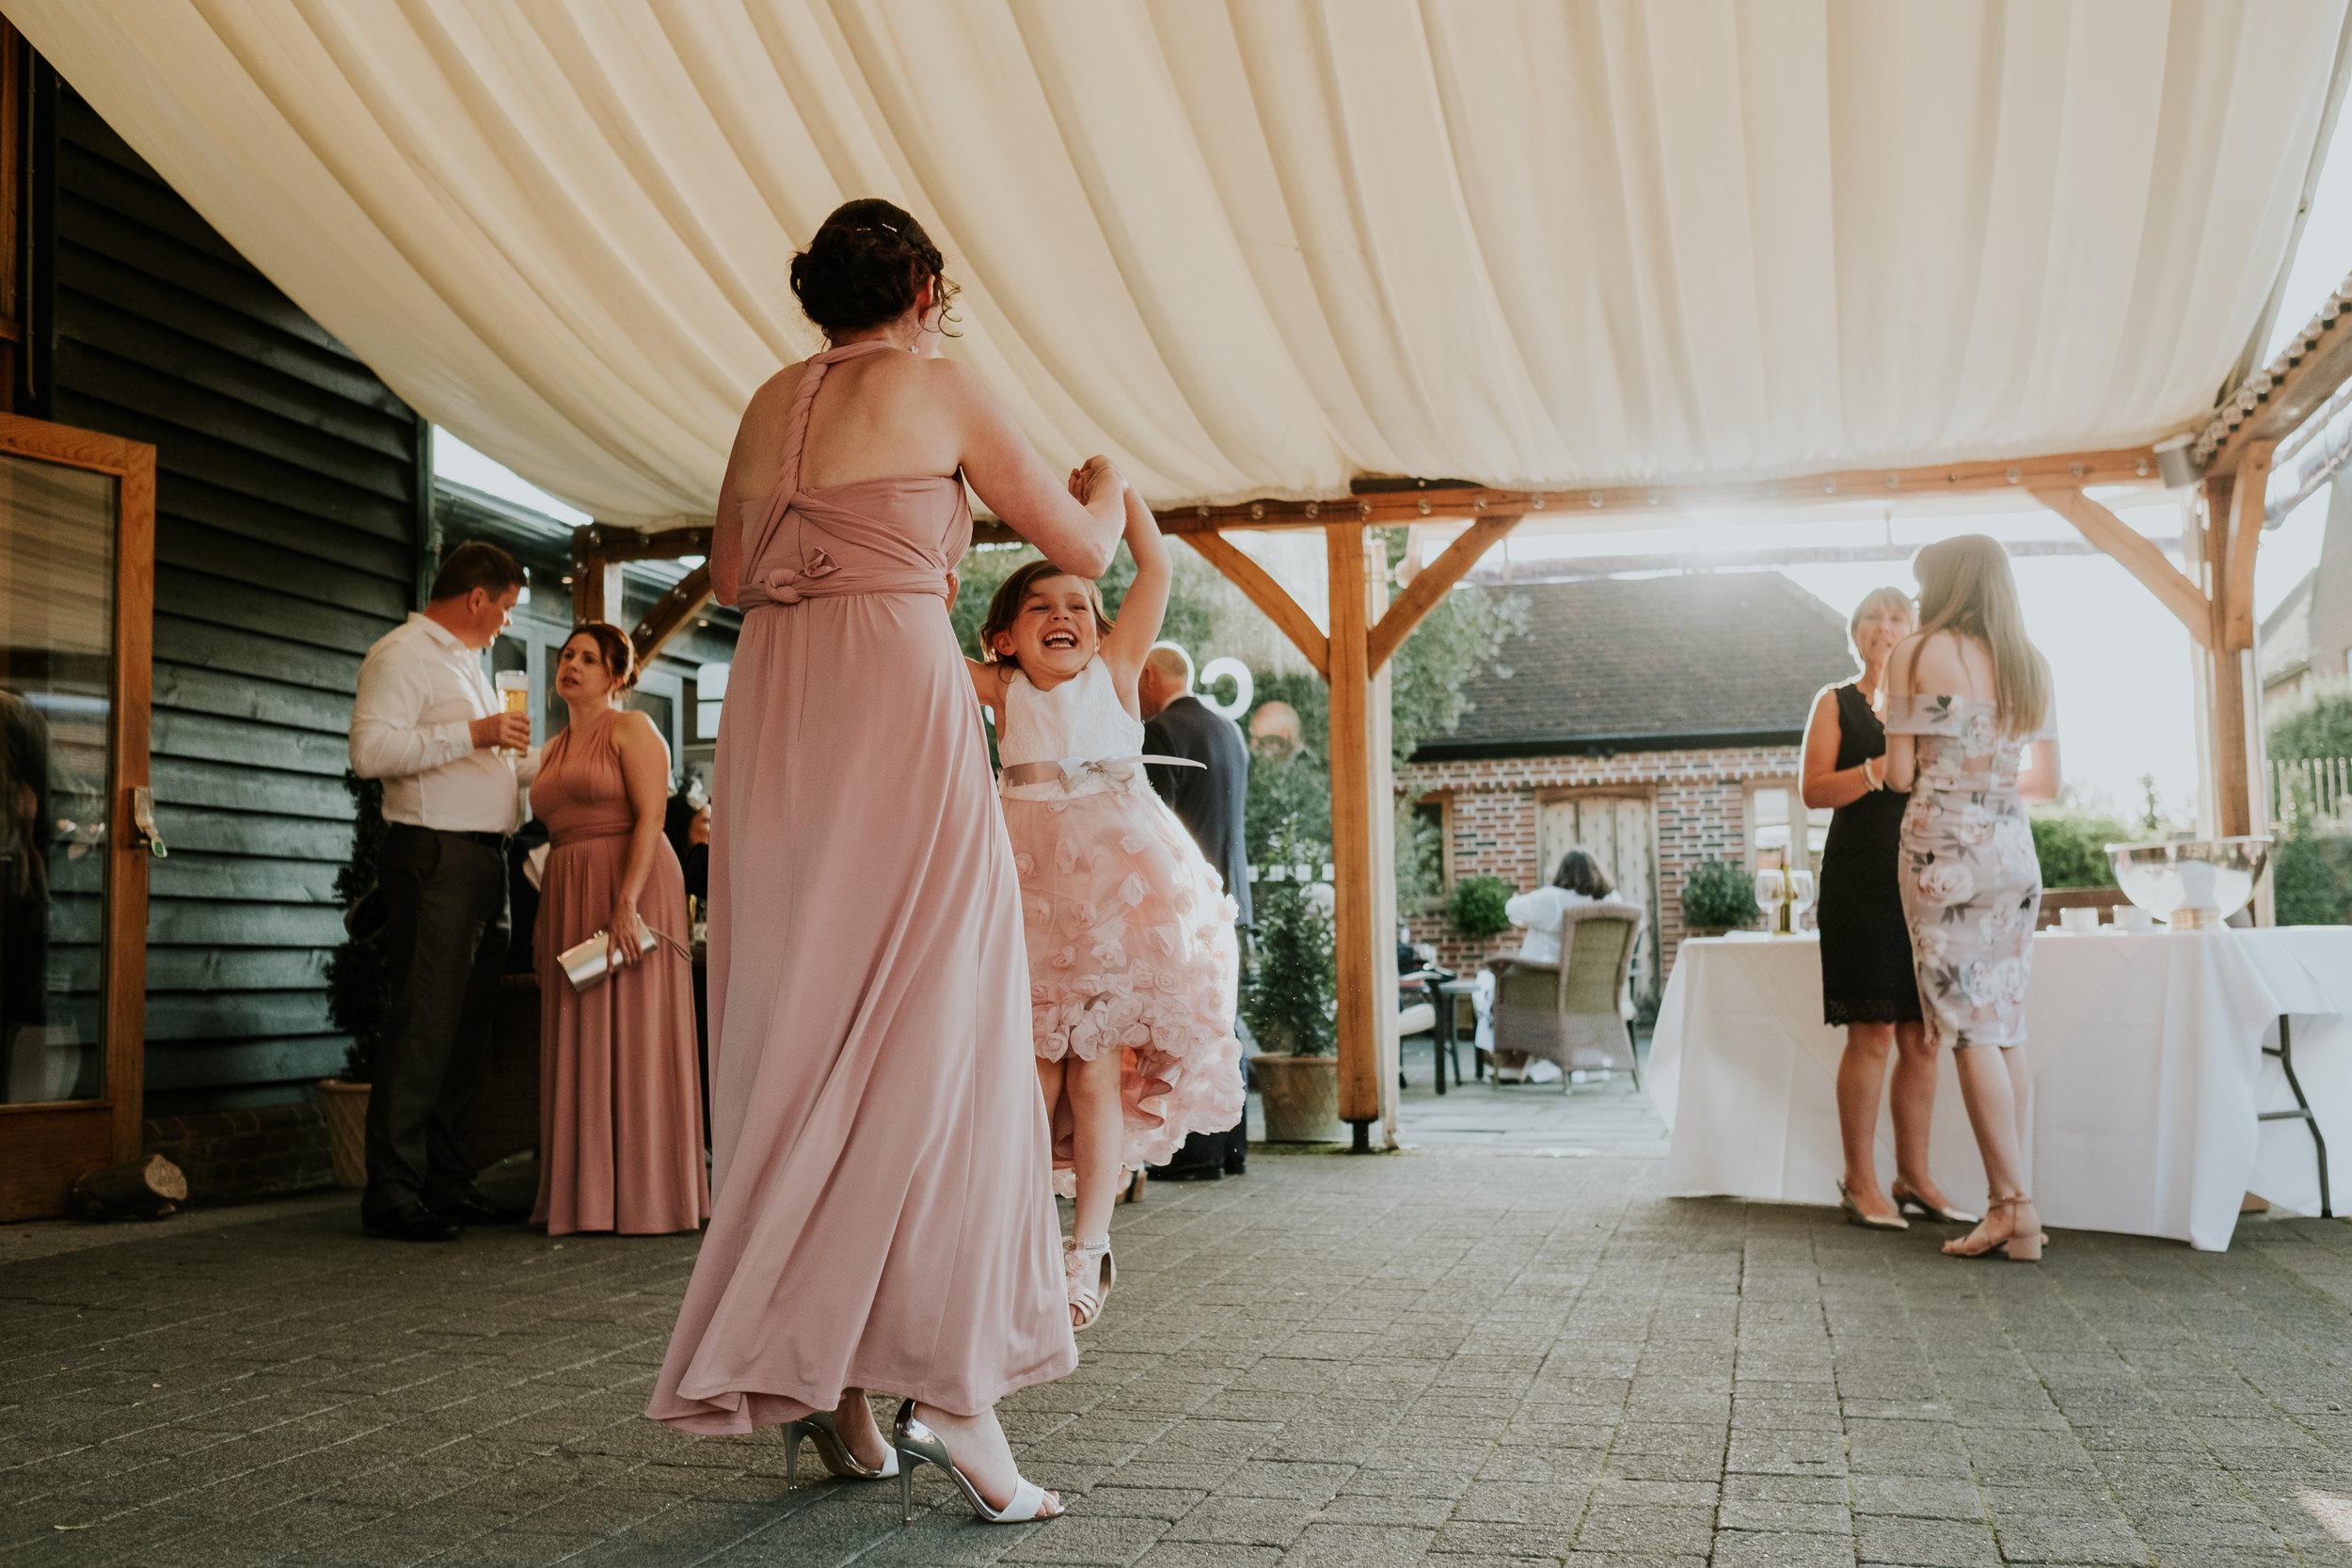 48 Surrey weddings joanna nicole photography1.jpg